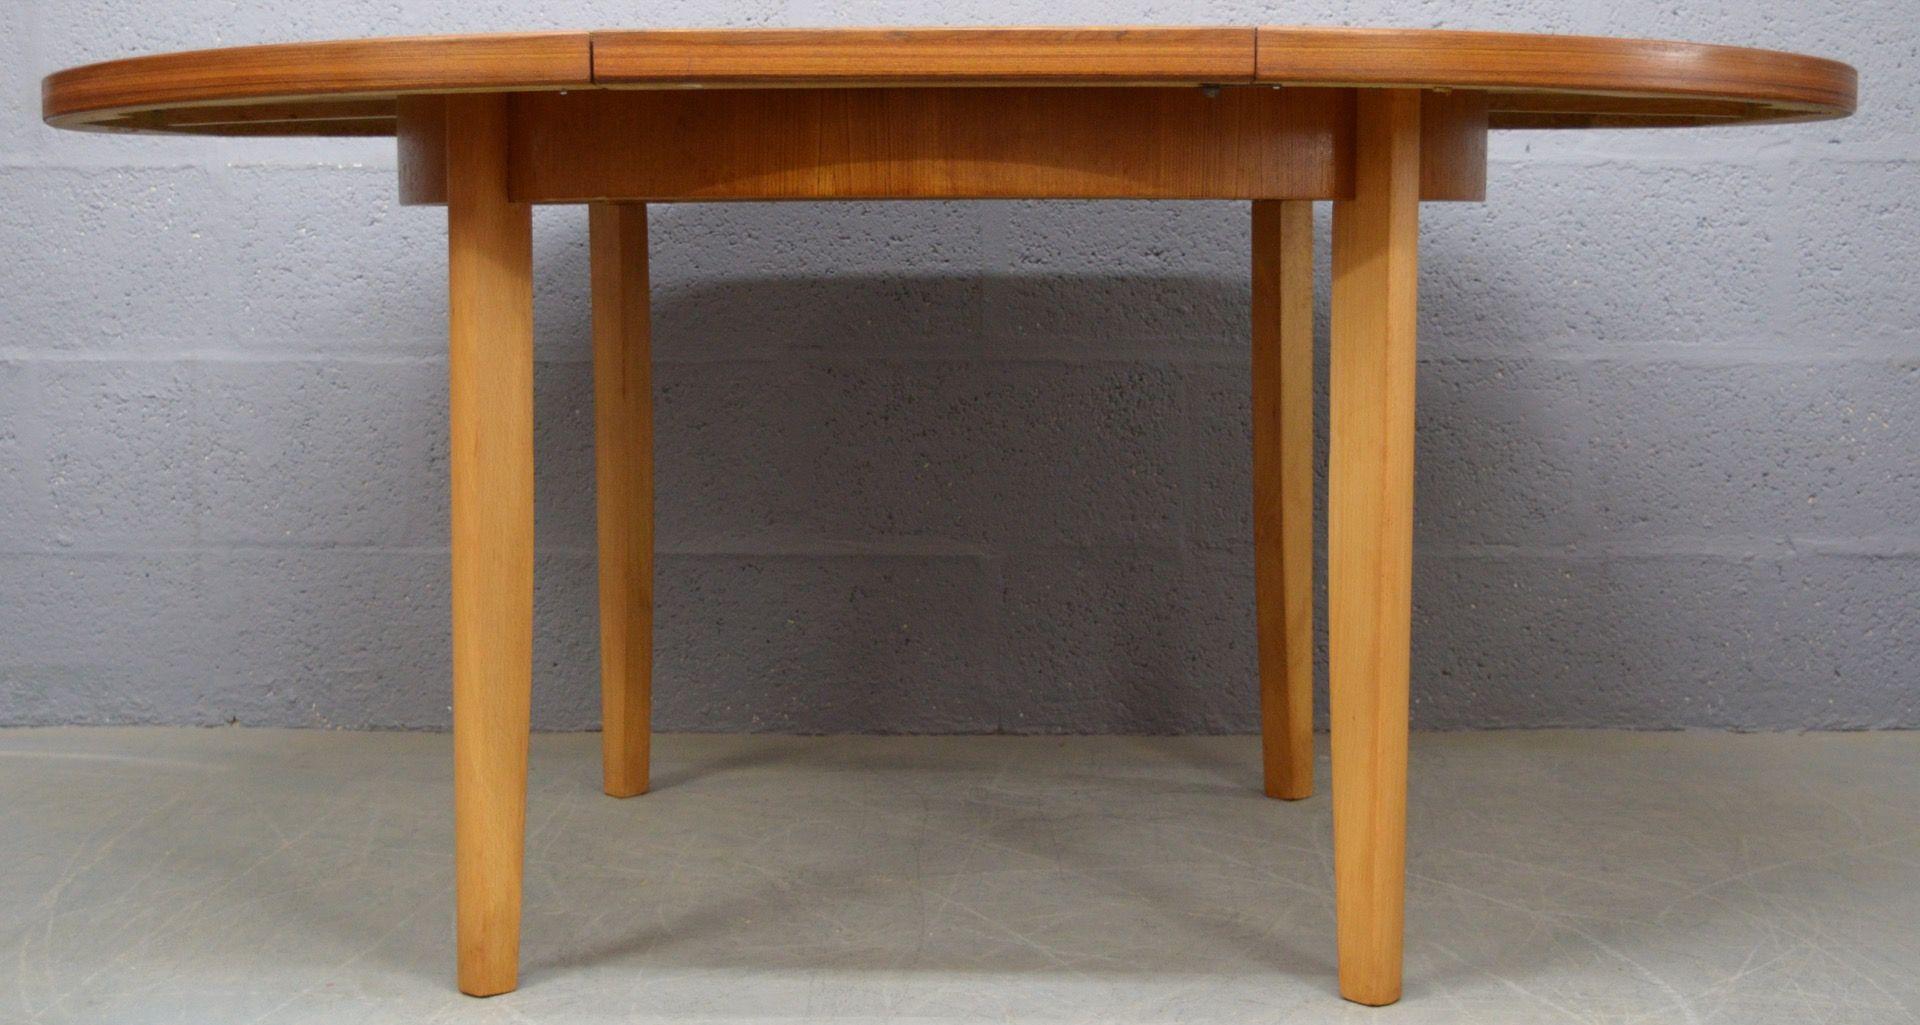 runder ausziehbarer mid century teak esstisch von mcintosh 1960er bei pamono kaufen. Black Bedroom Furniture Sets. Home Design Ideas